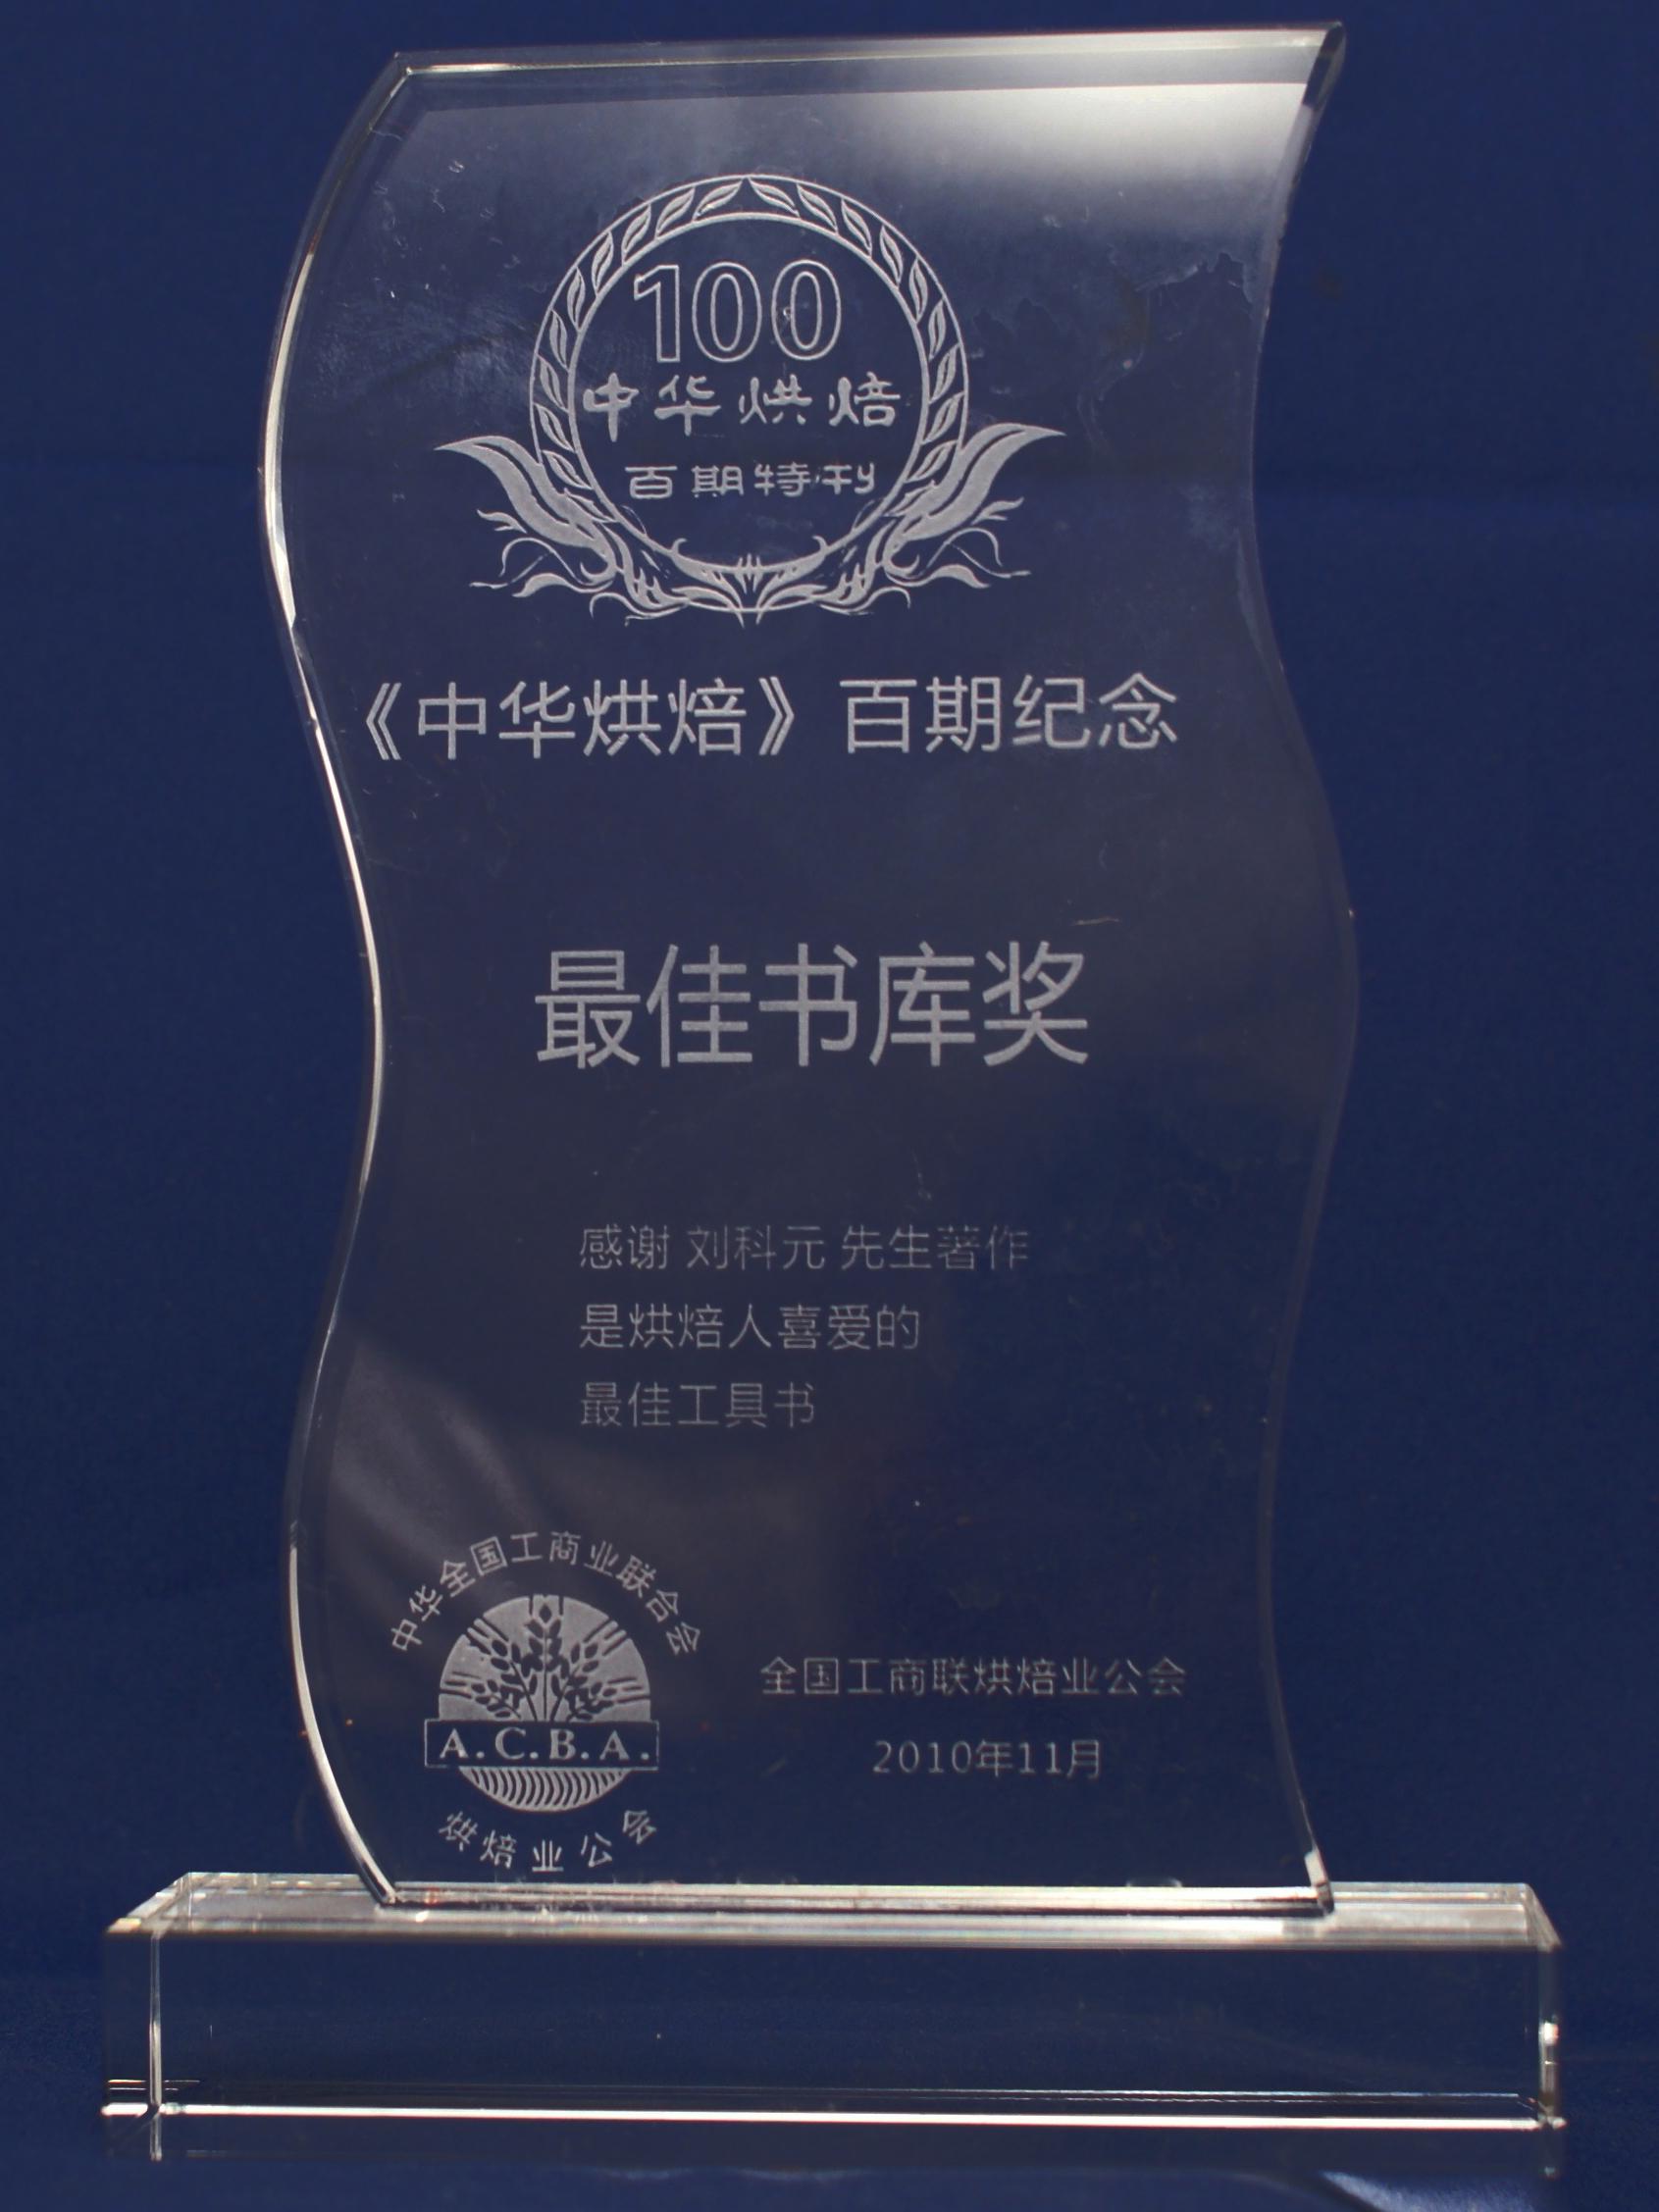 中国烘焙行业最佳书库奖